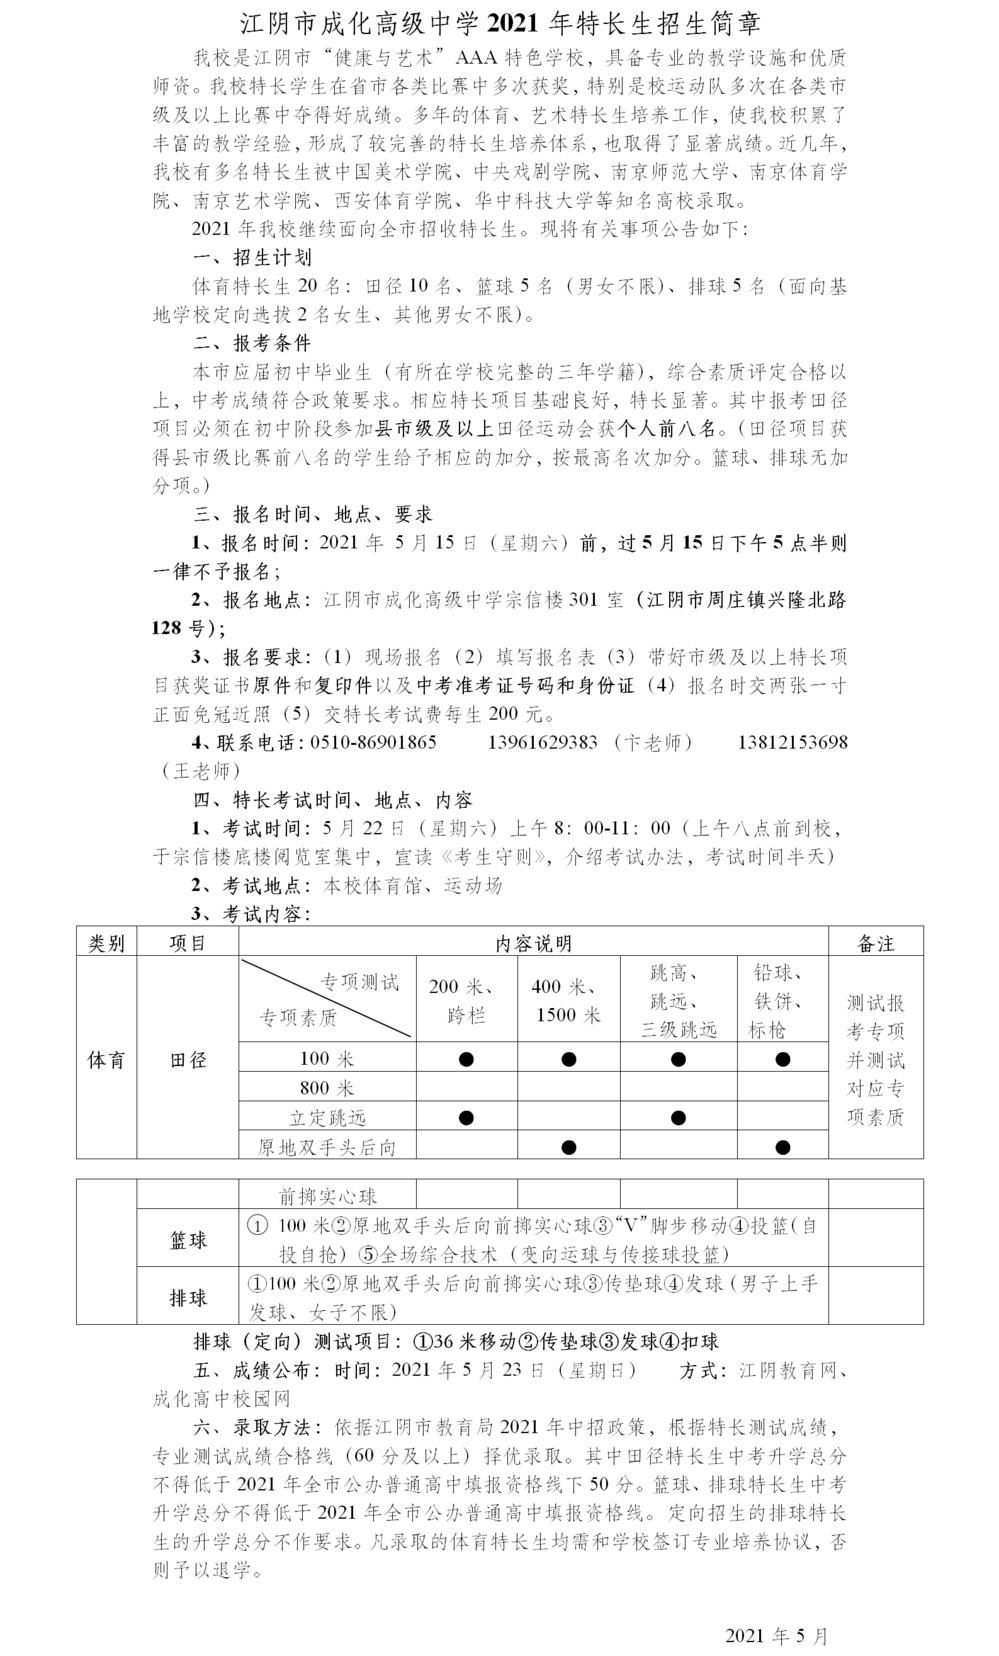 江阴市成化高级中学2021年特长生招生简章.png